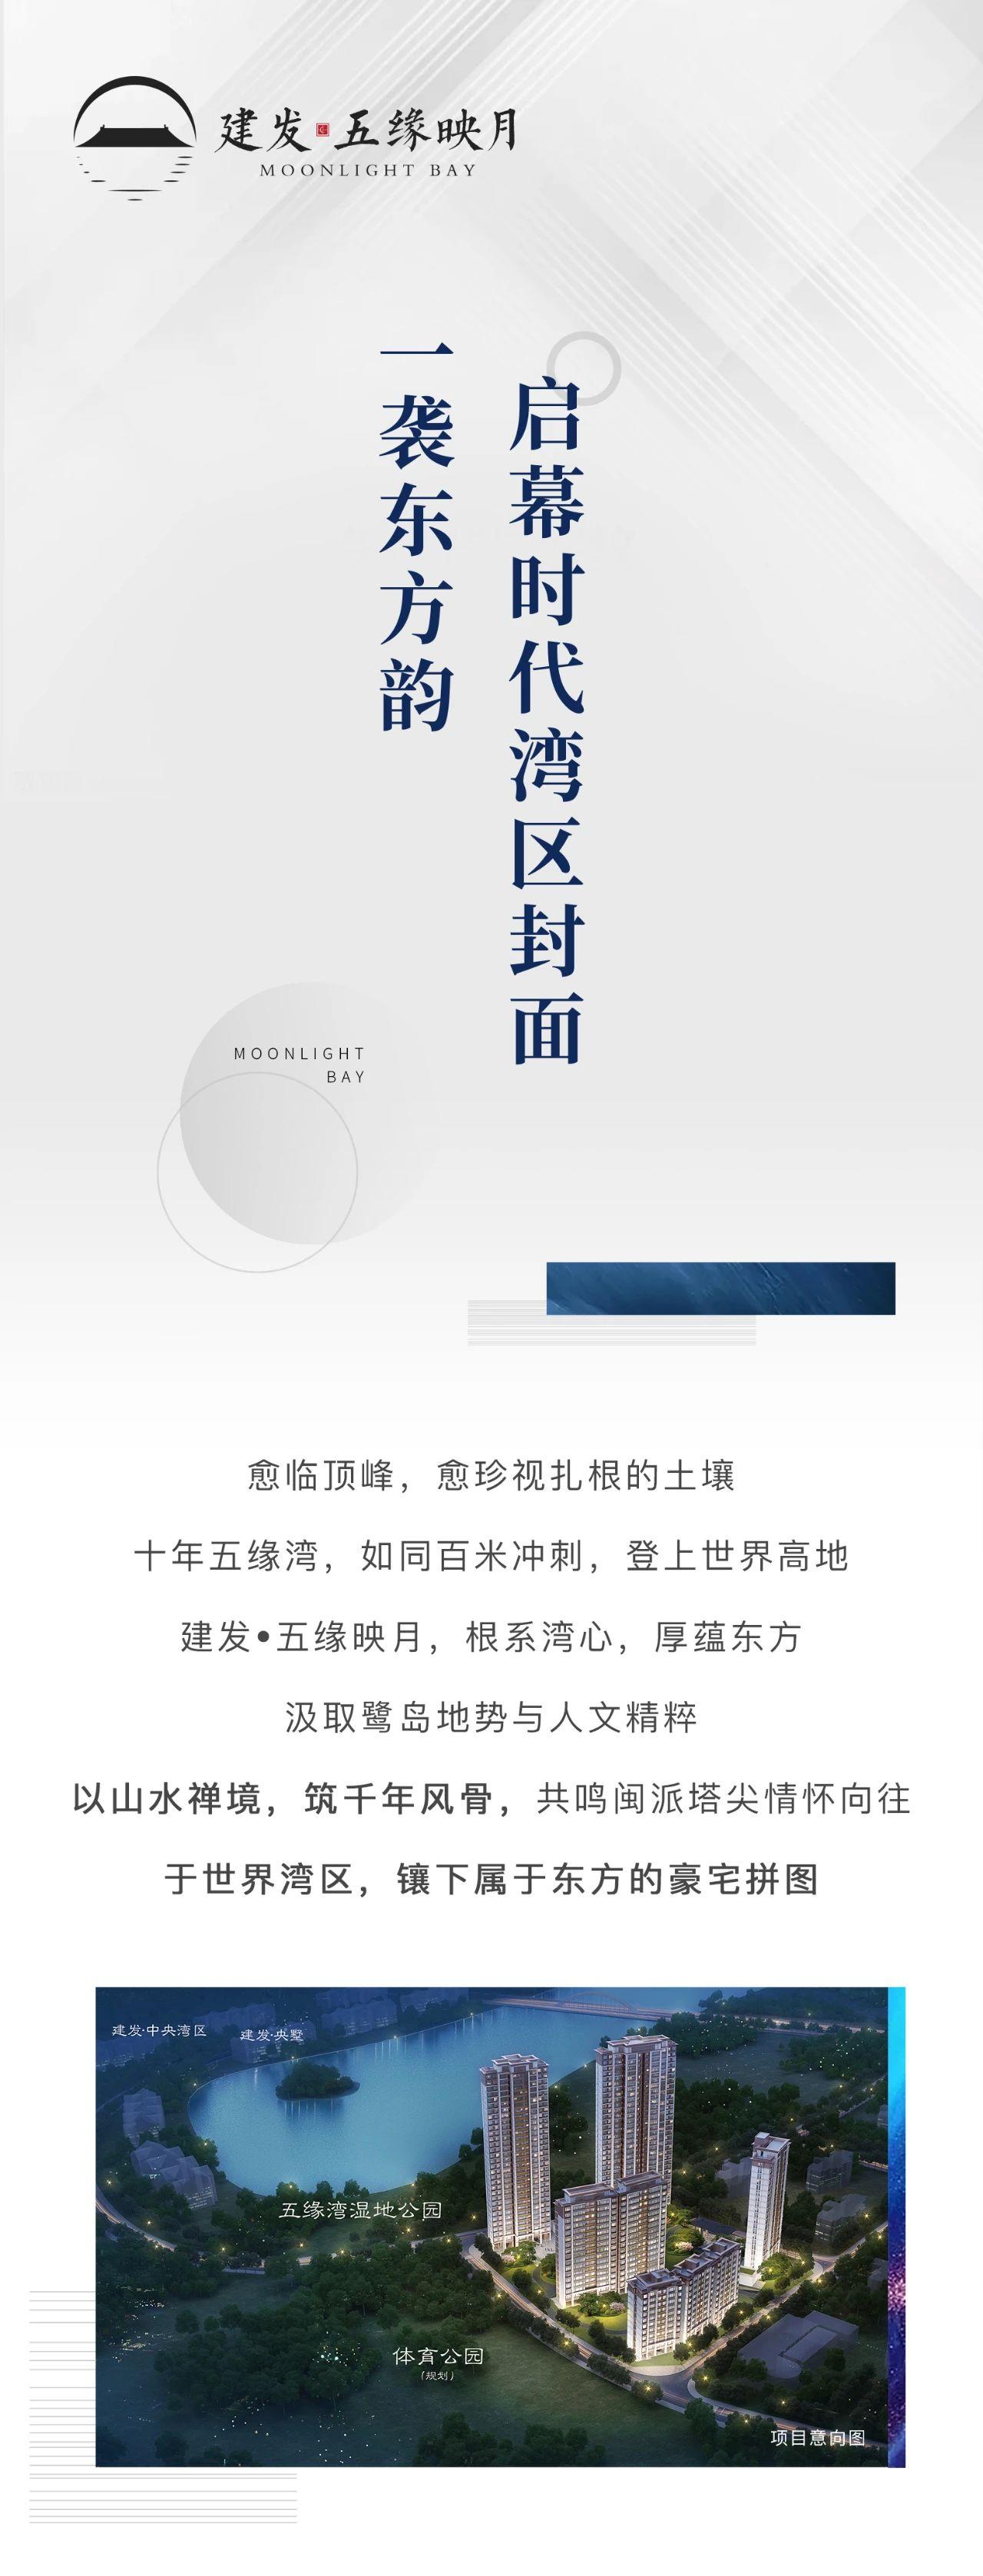 湾心映月 | 给世界五缘的中国符号